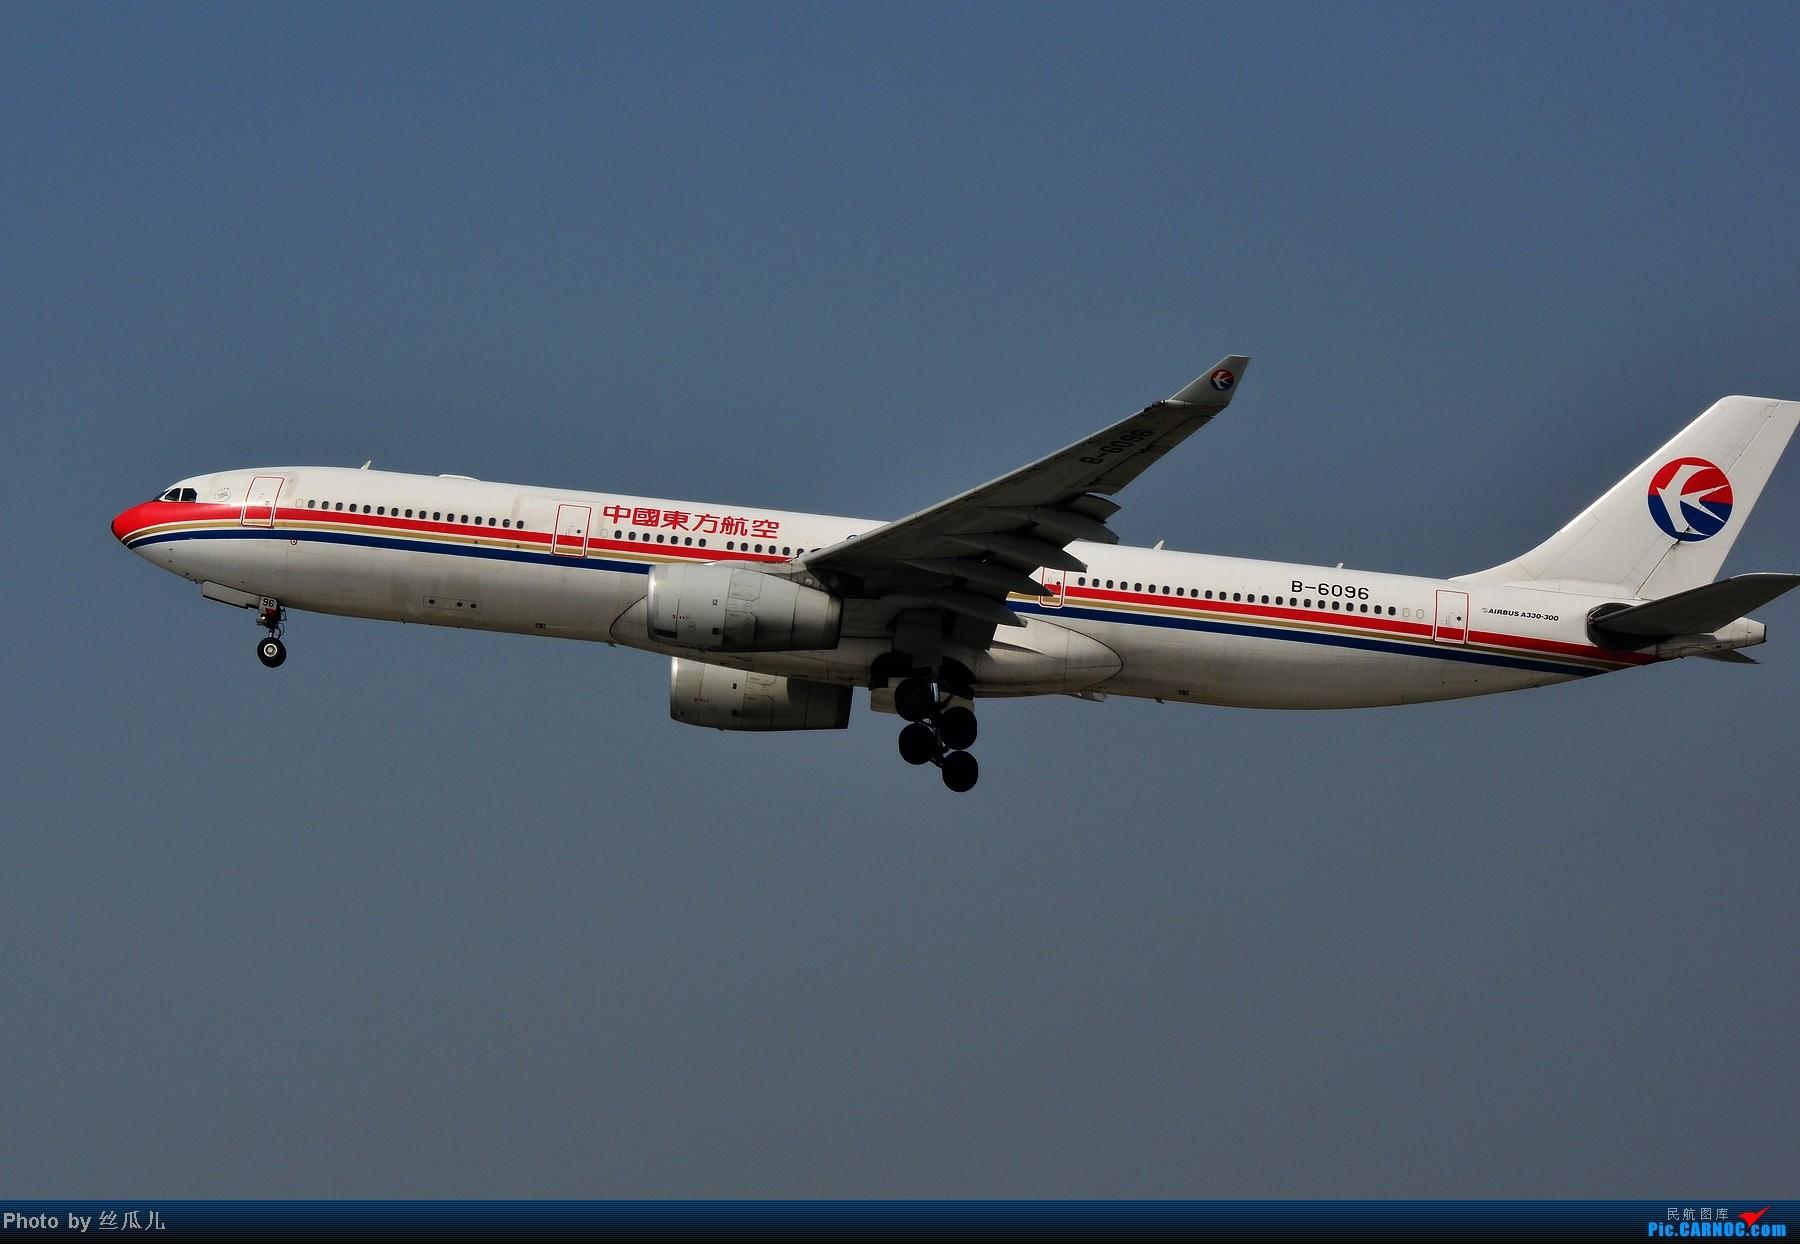 Re:[原创]2013年3月3日-萧山机场-晴 AIRBUS A330-300 B-6096 中国杭州萧山机场